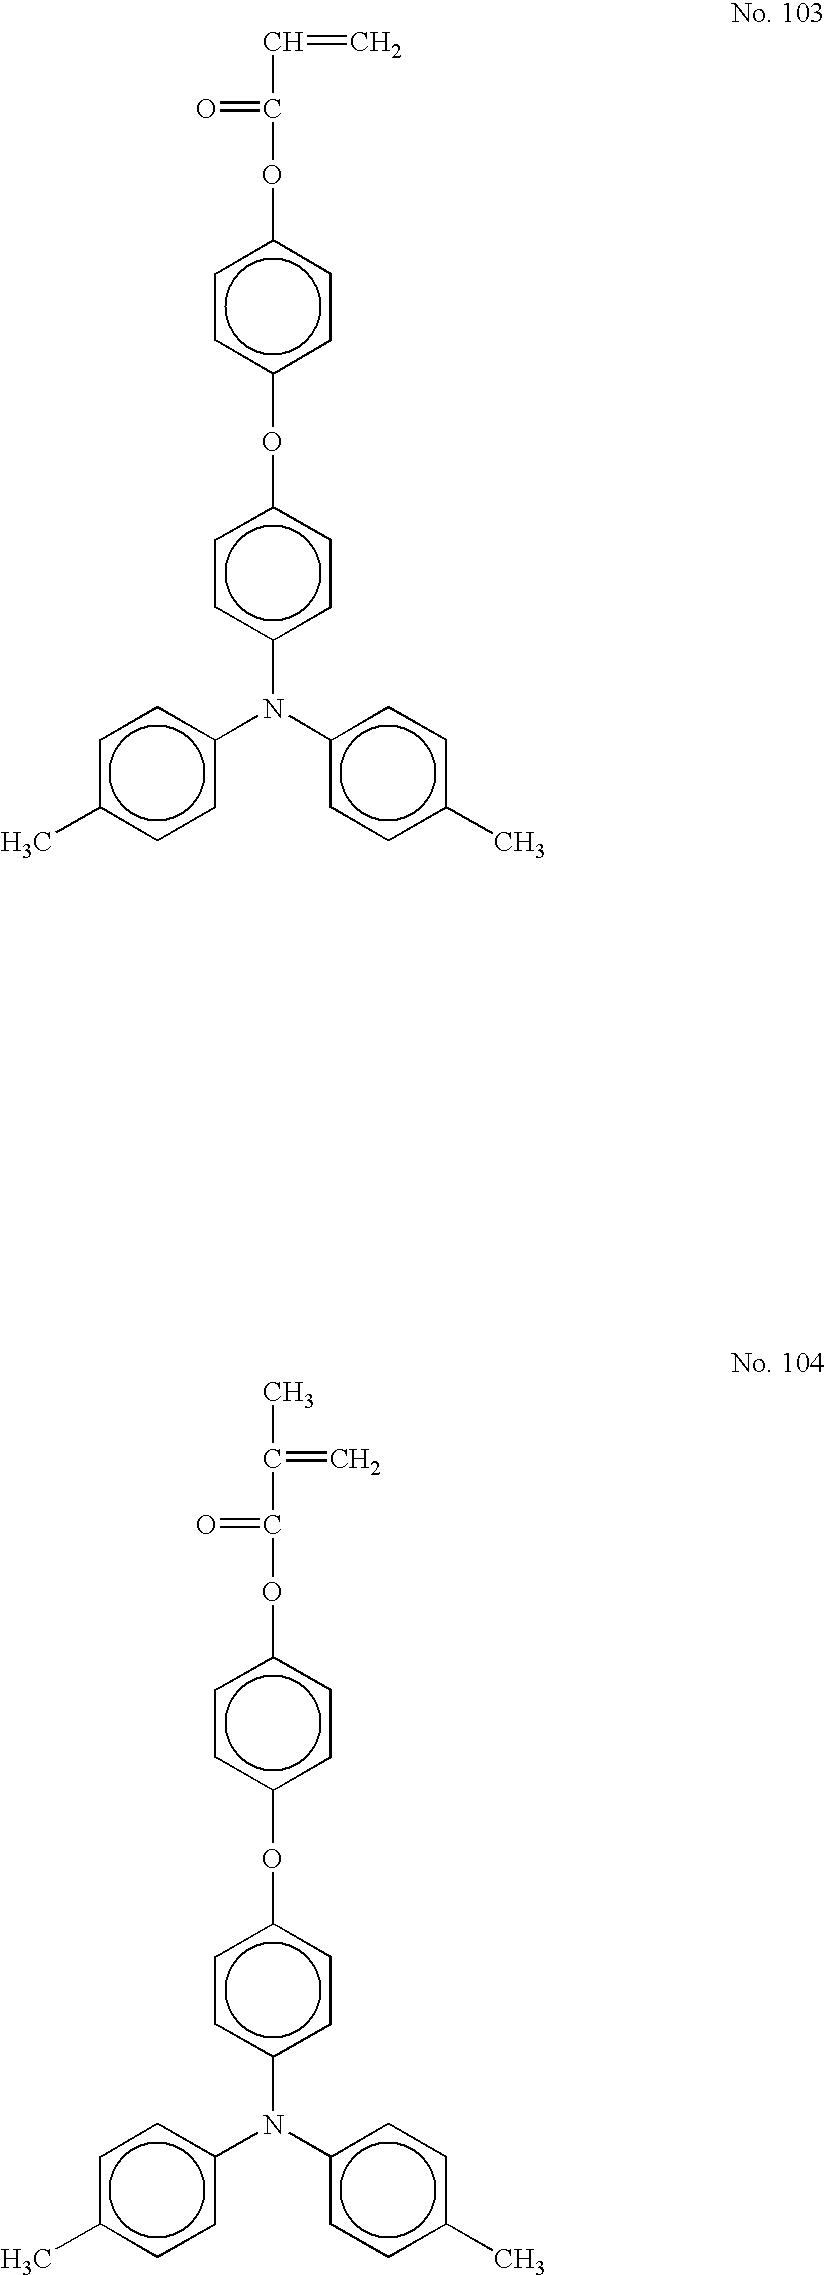 Figure US20060177749A1-20060810-C00052